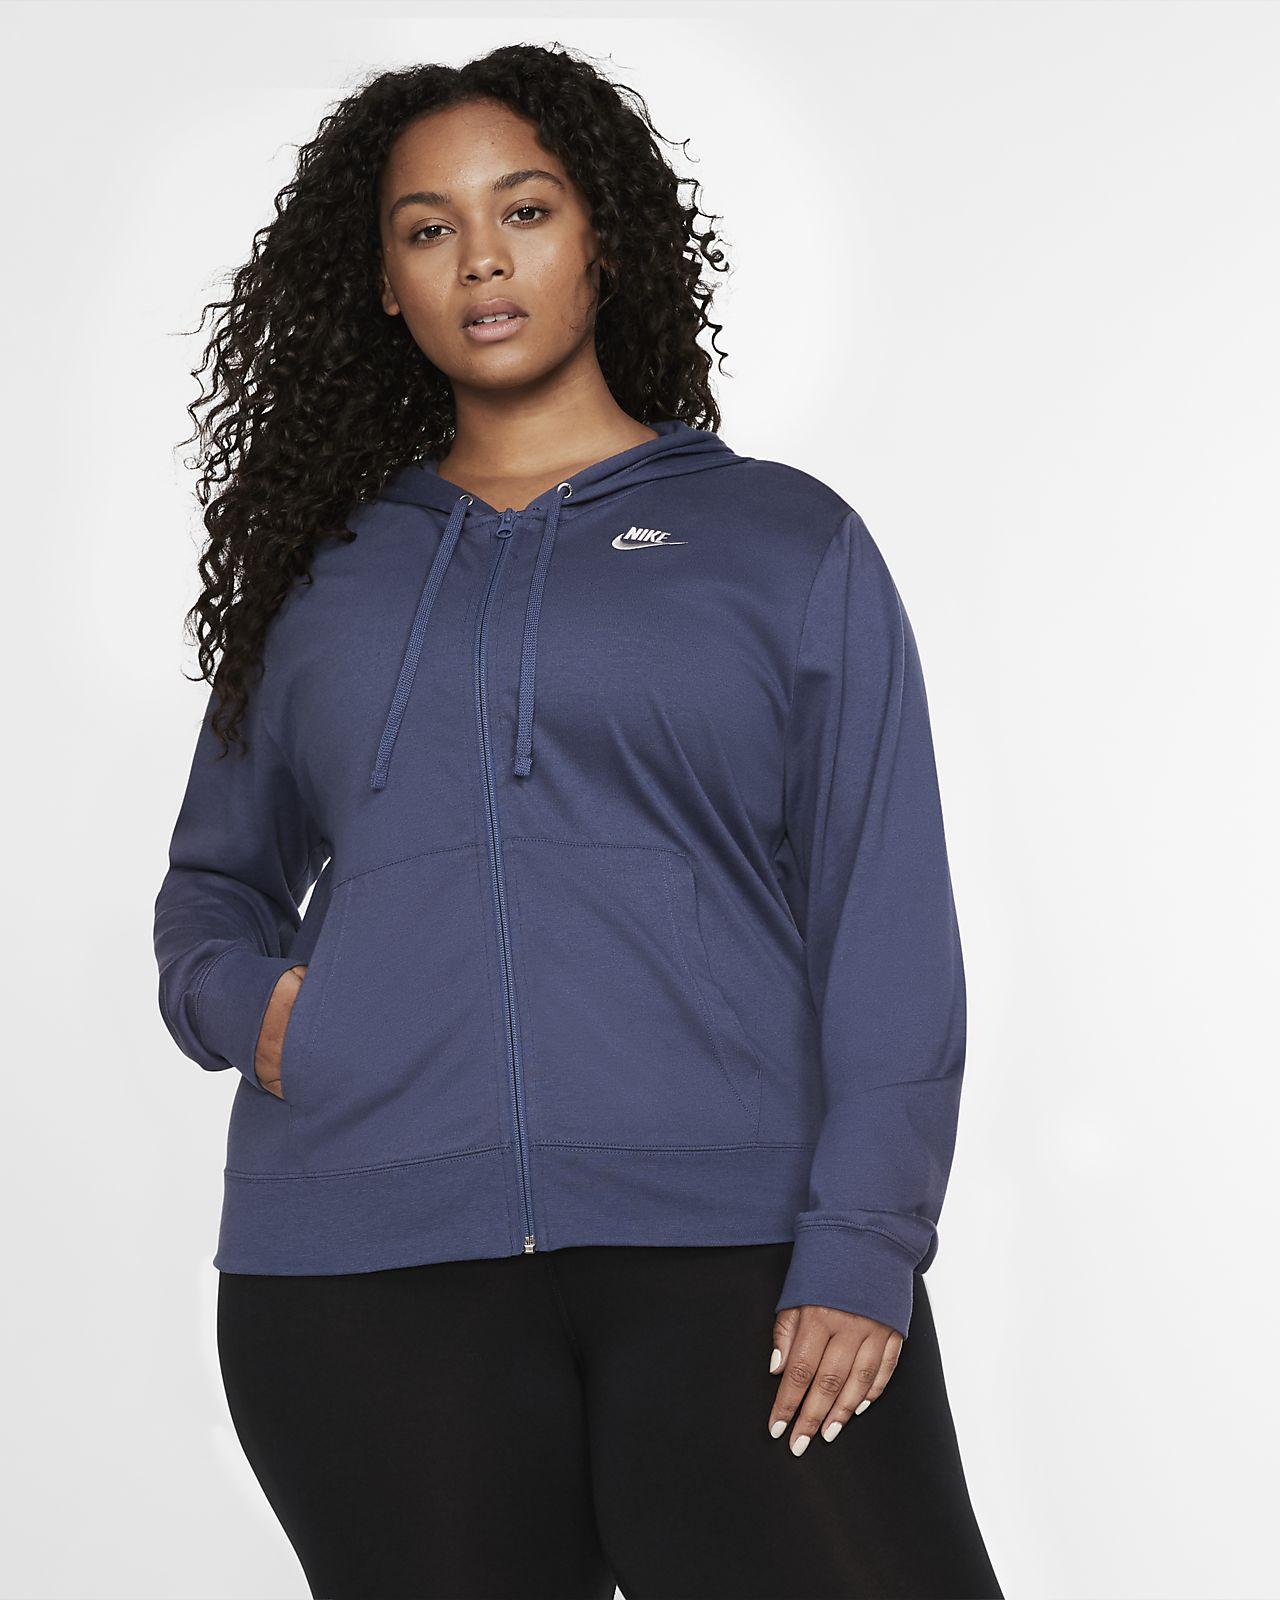 Nike Sportswear Sudadera con capucha y cremallera completa (Talla grande) Mujer